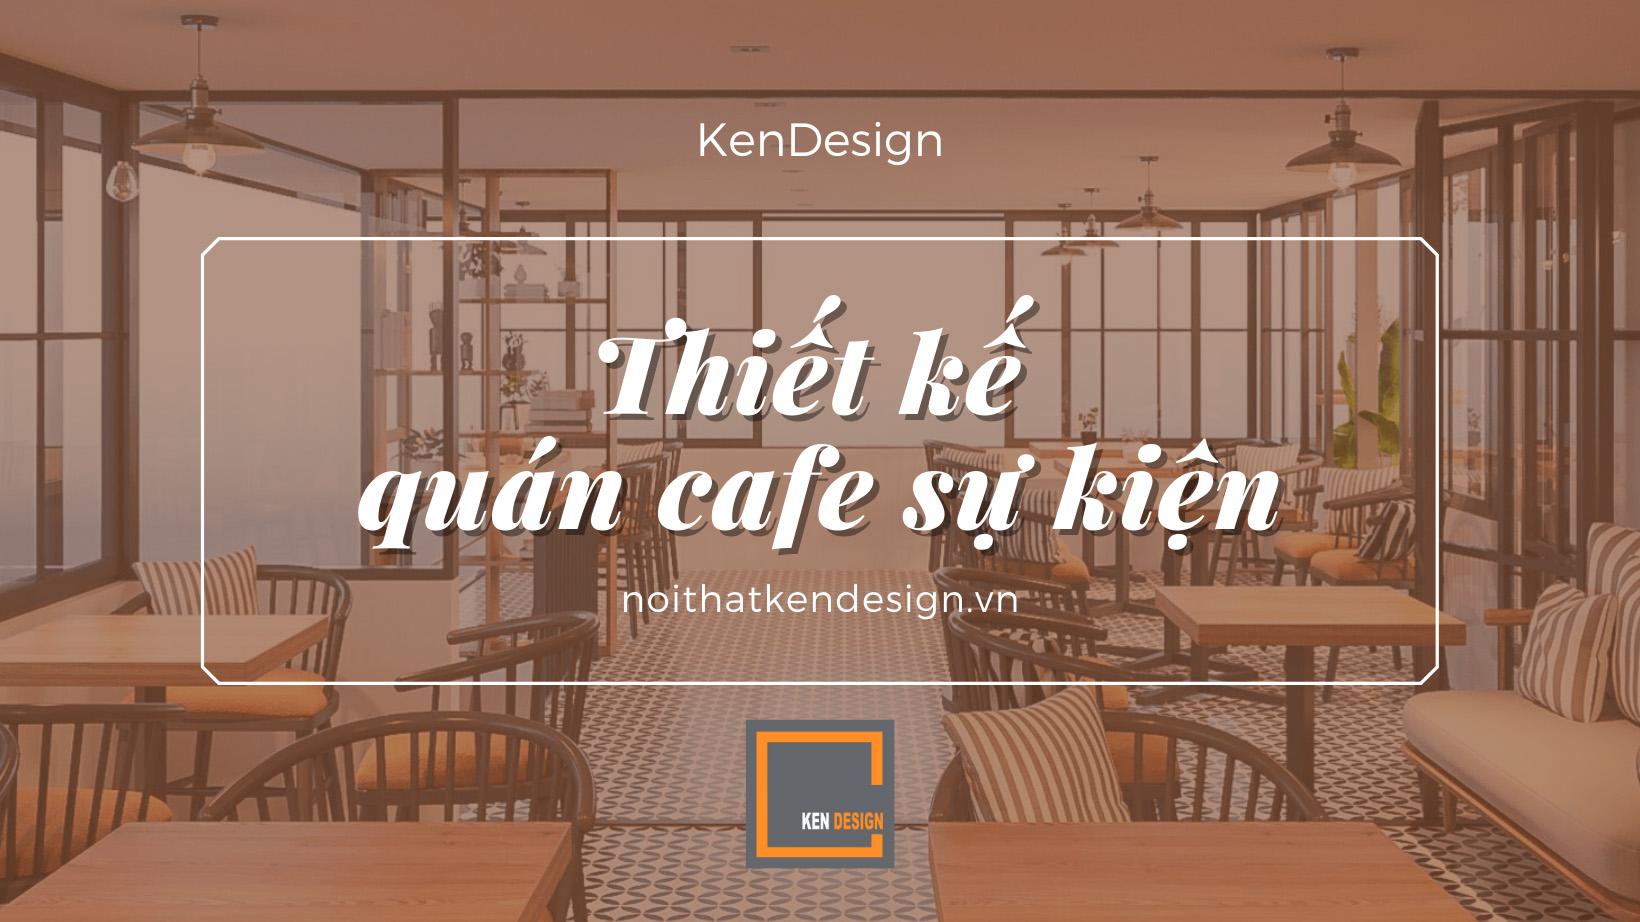 Mách bạn 5 yếu tố cần lưu ý khi thiết kế quán cafe sự kiện